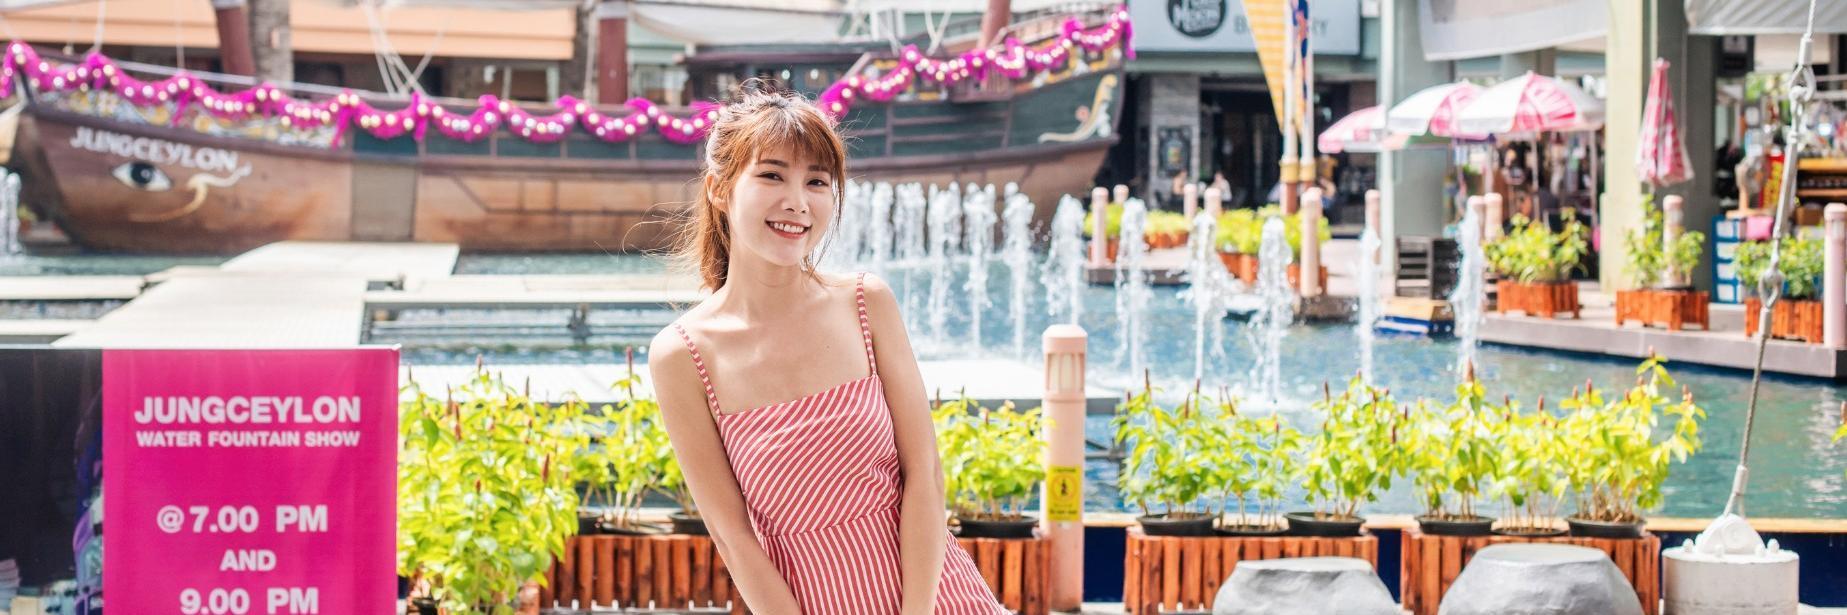 休闲,旅游,泰国,普吉岛,我在猪年的美丽踪迹